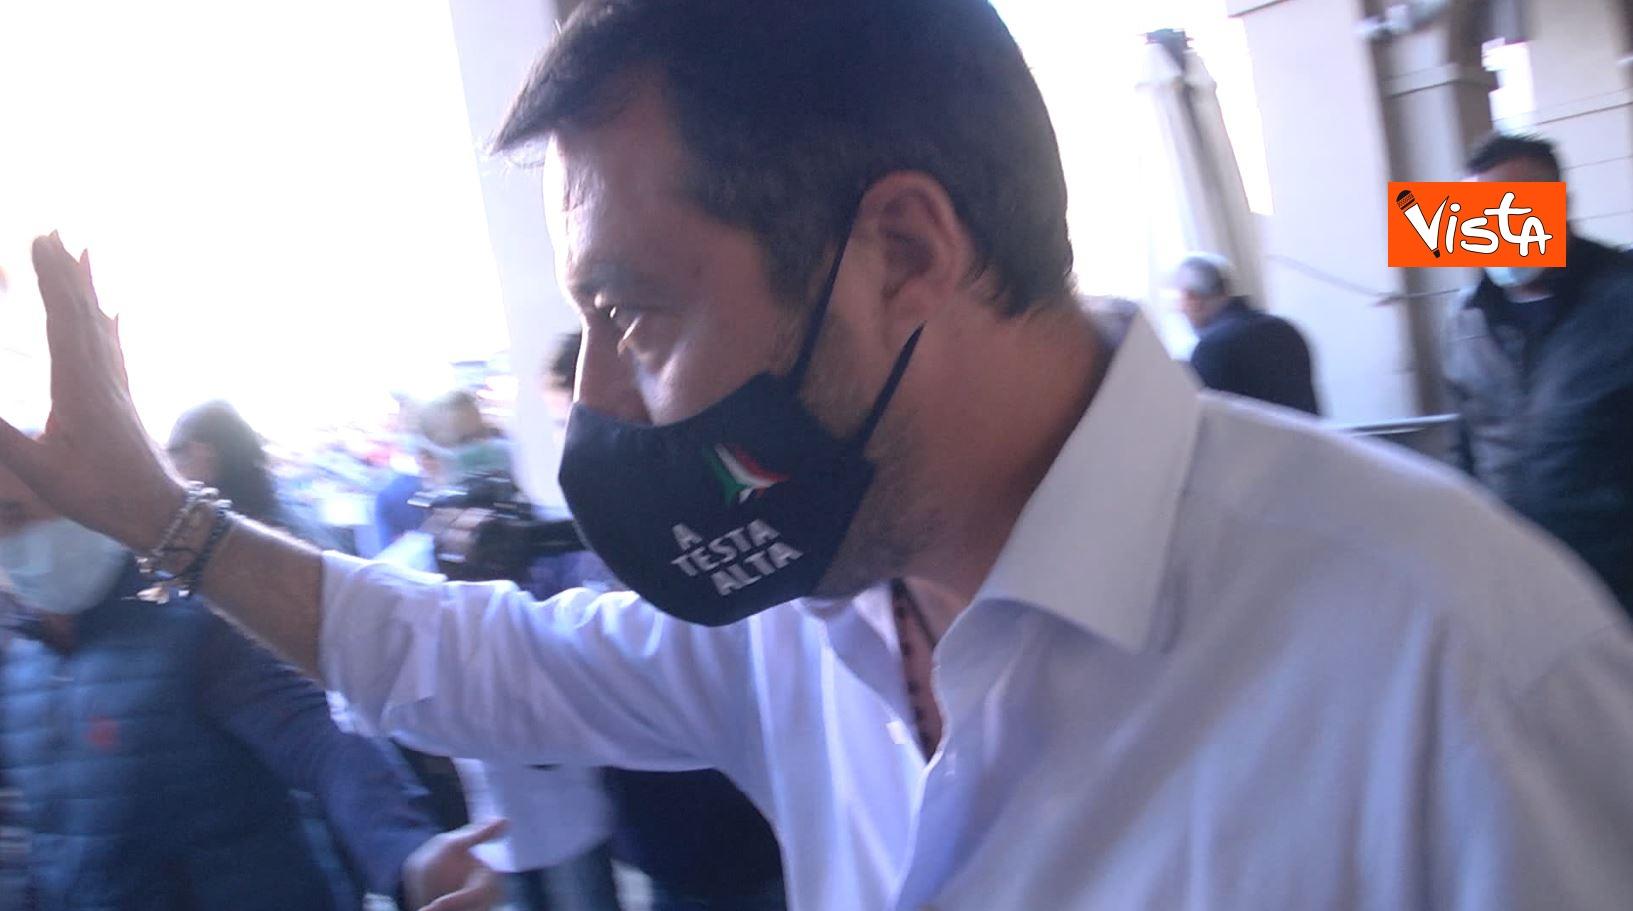 27_09_20 Salvini a Voghera Pavia per il comizio elettorale le immagini _04